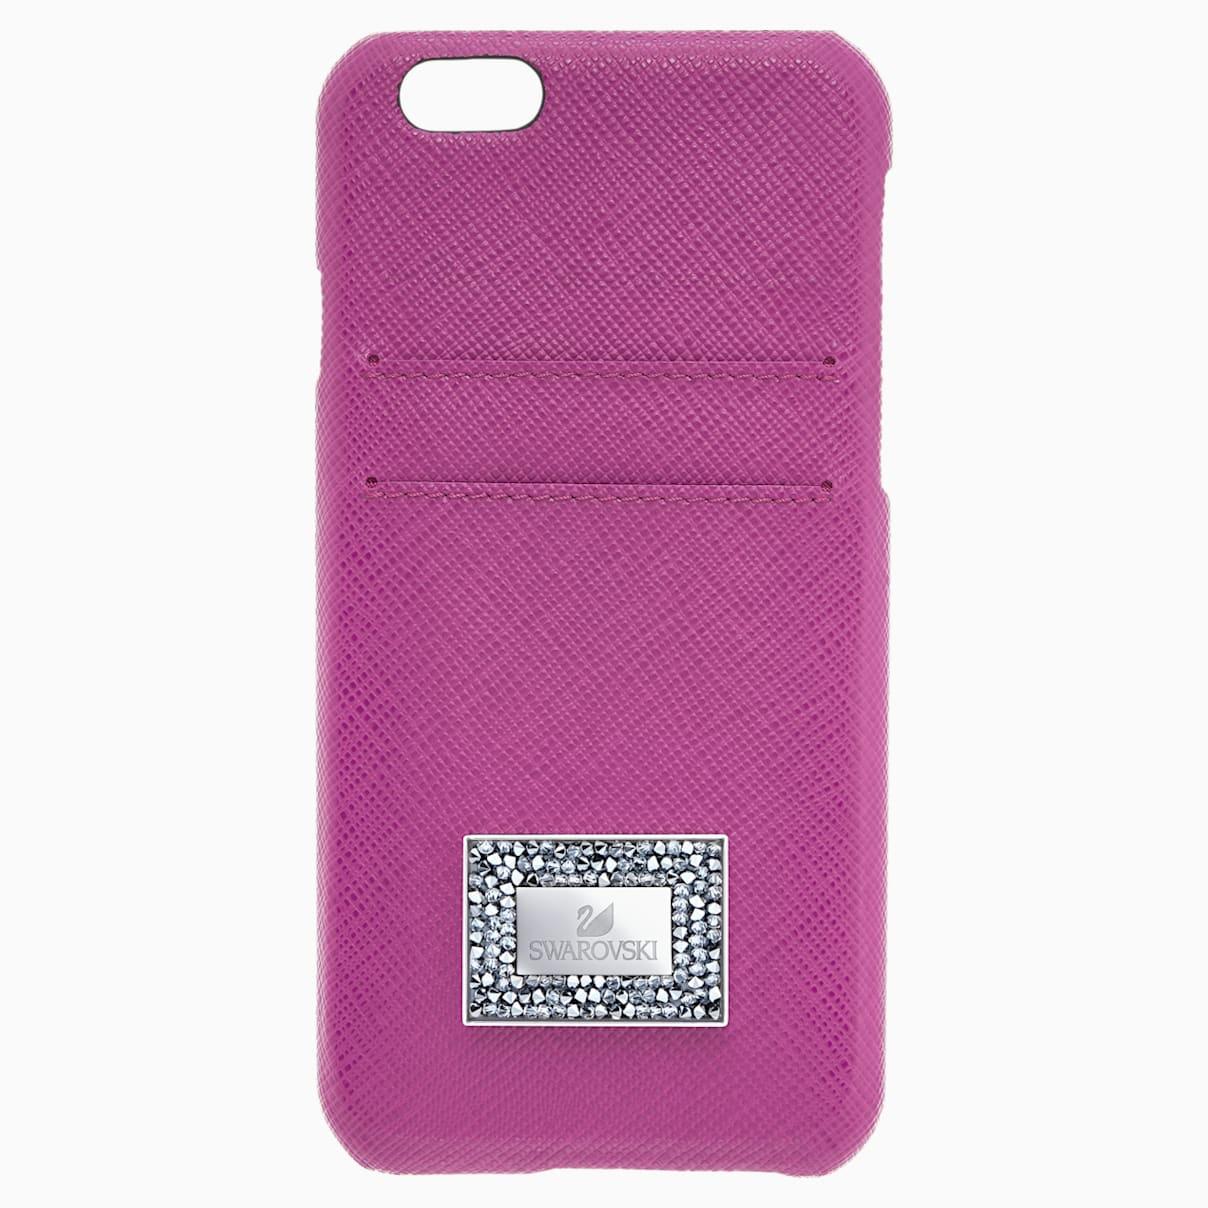 Custodia smartphone con bordi protettivi Versatile, iPhone® 6/6s, Rosa